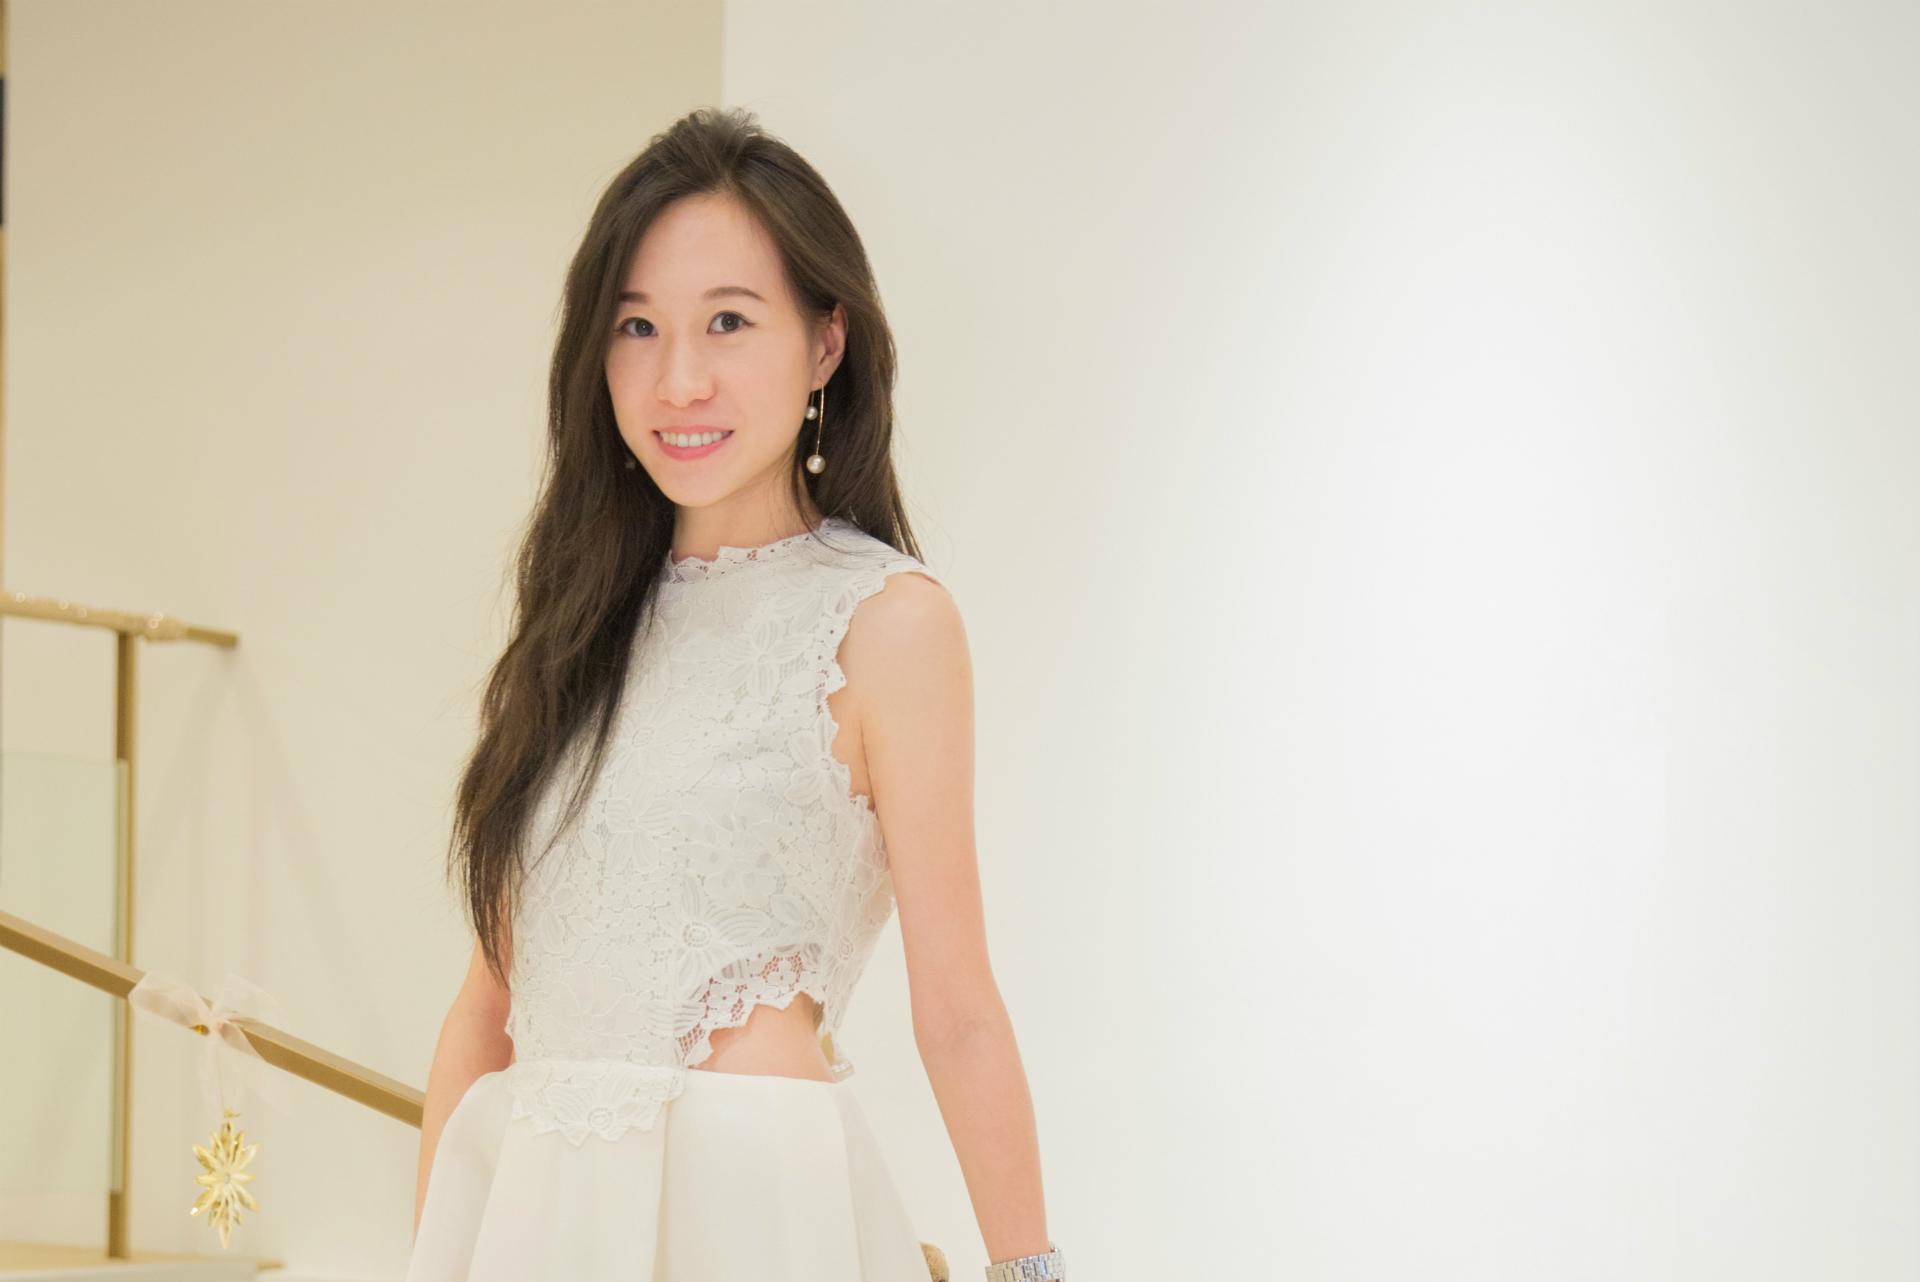 不光有熱情,她精準分析市場將美國髮飾品牌帶進台灣 - L. Erickson 大中華區總代理商創辦人 Eileen Ueng